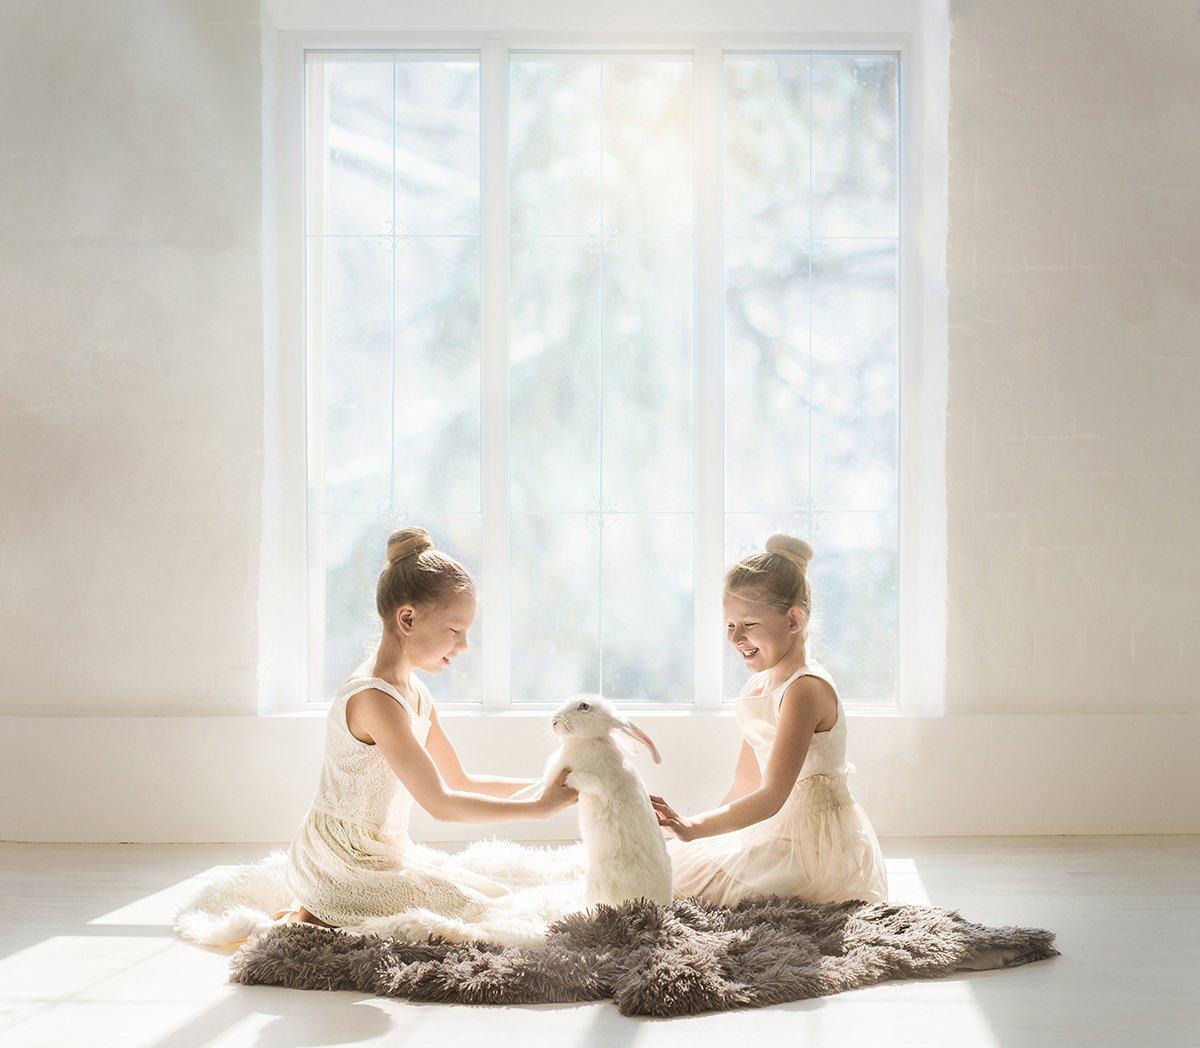 кролик, детство, милота, детская фотосессия, утро, Александрова Надежда